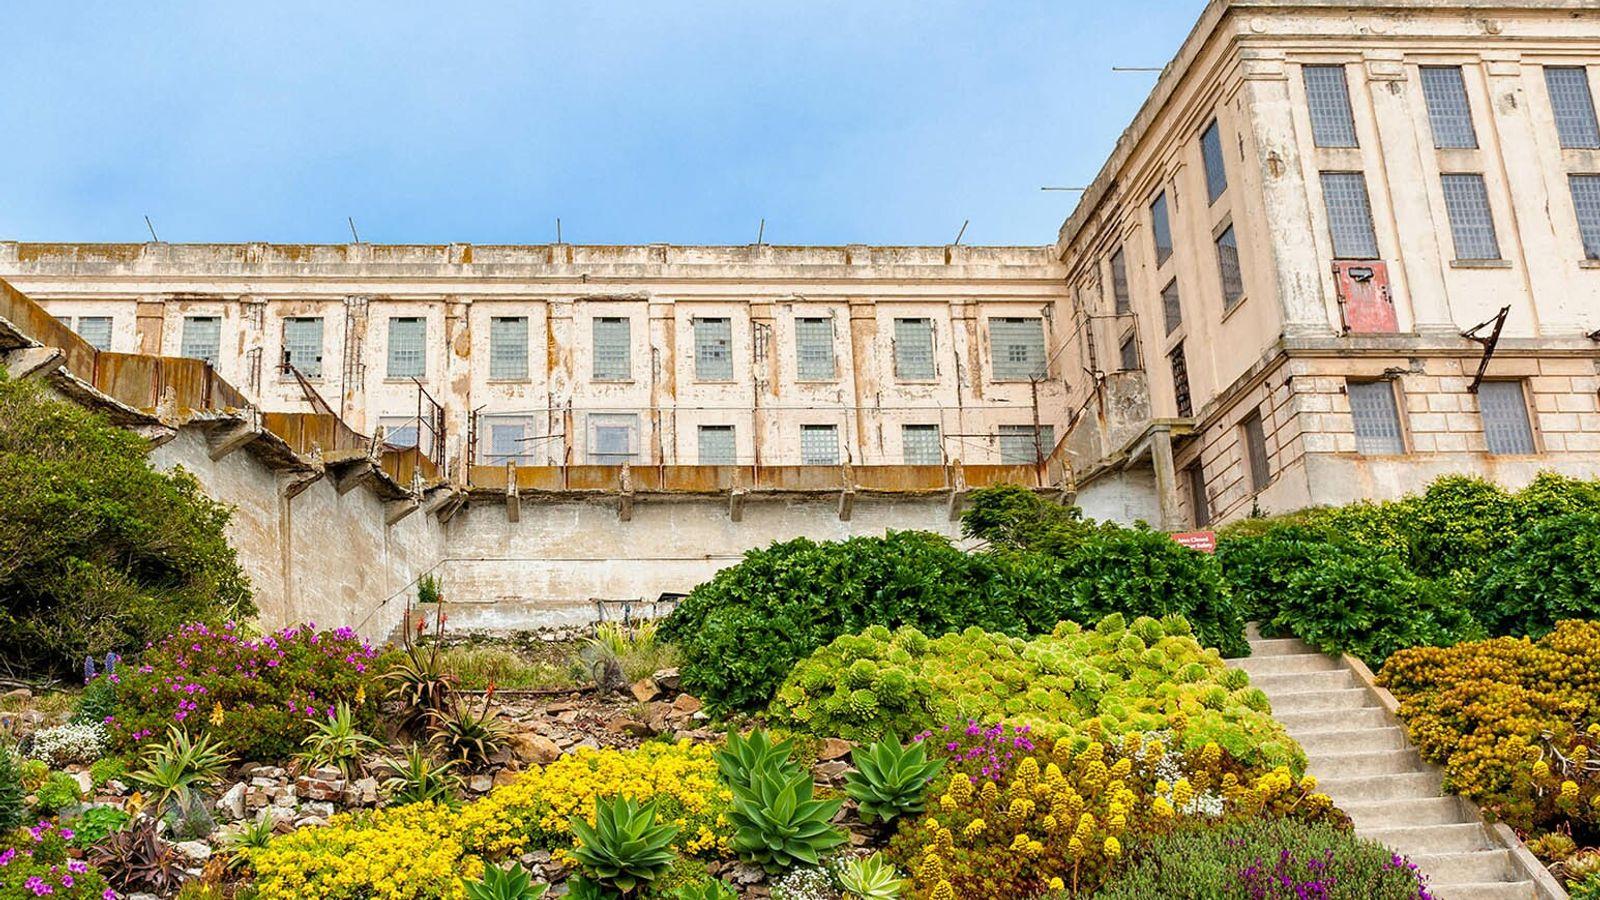 Jadis un affleurement inhabité transformé en base militaire puis en prison de haute sécurité, l'île d'Alcatraz ...